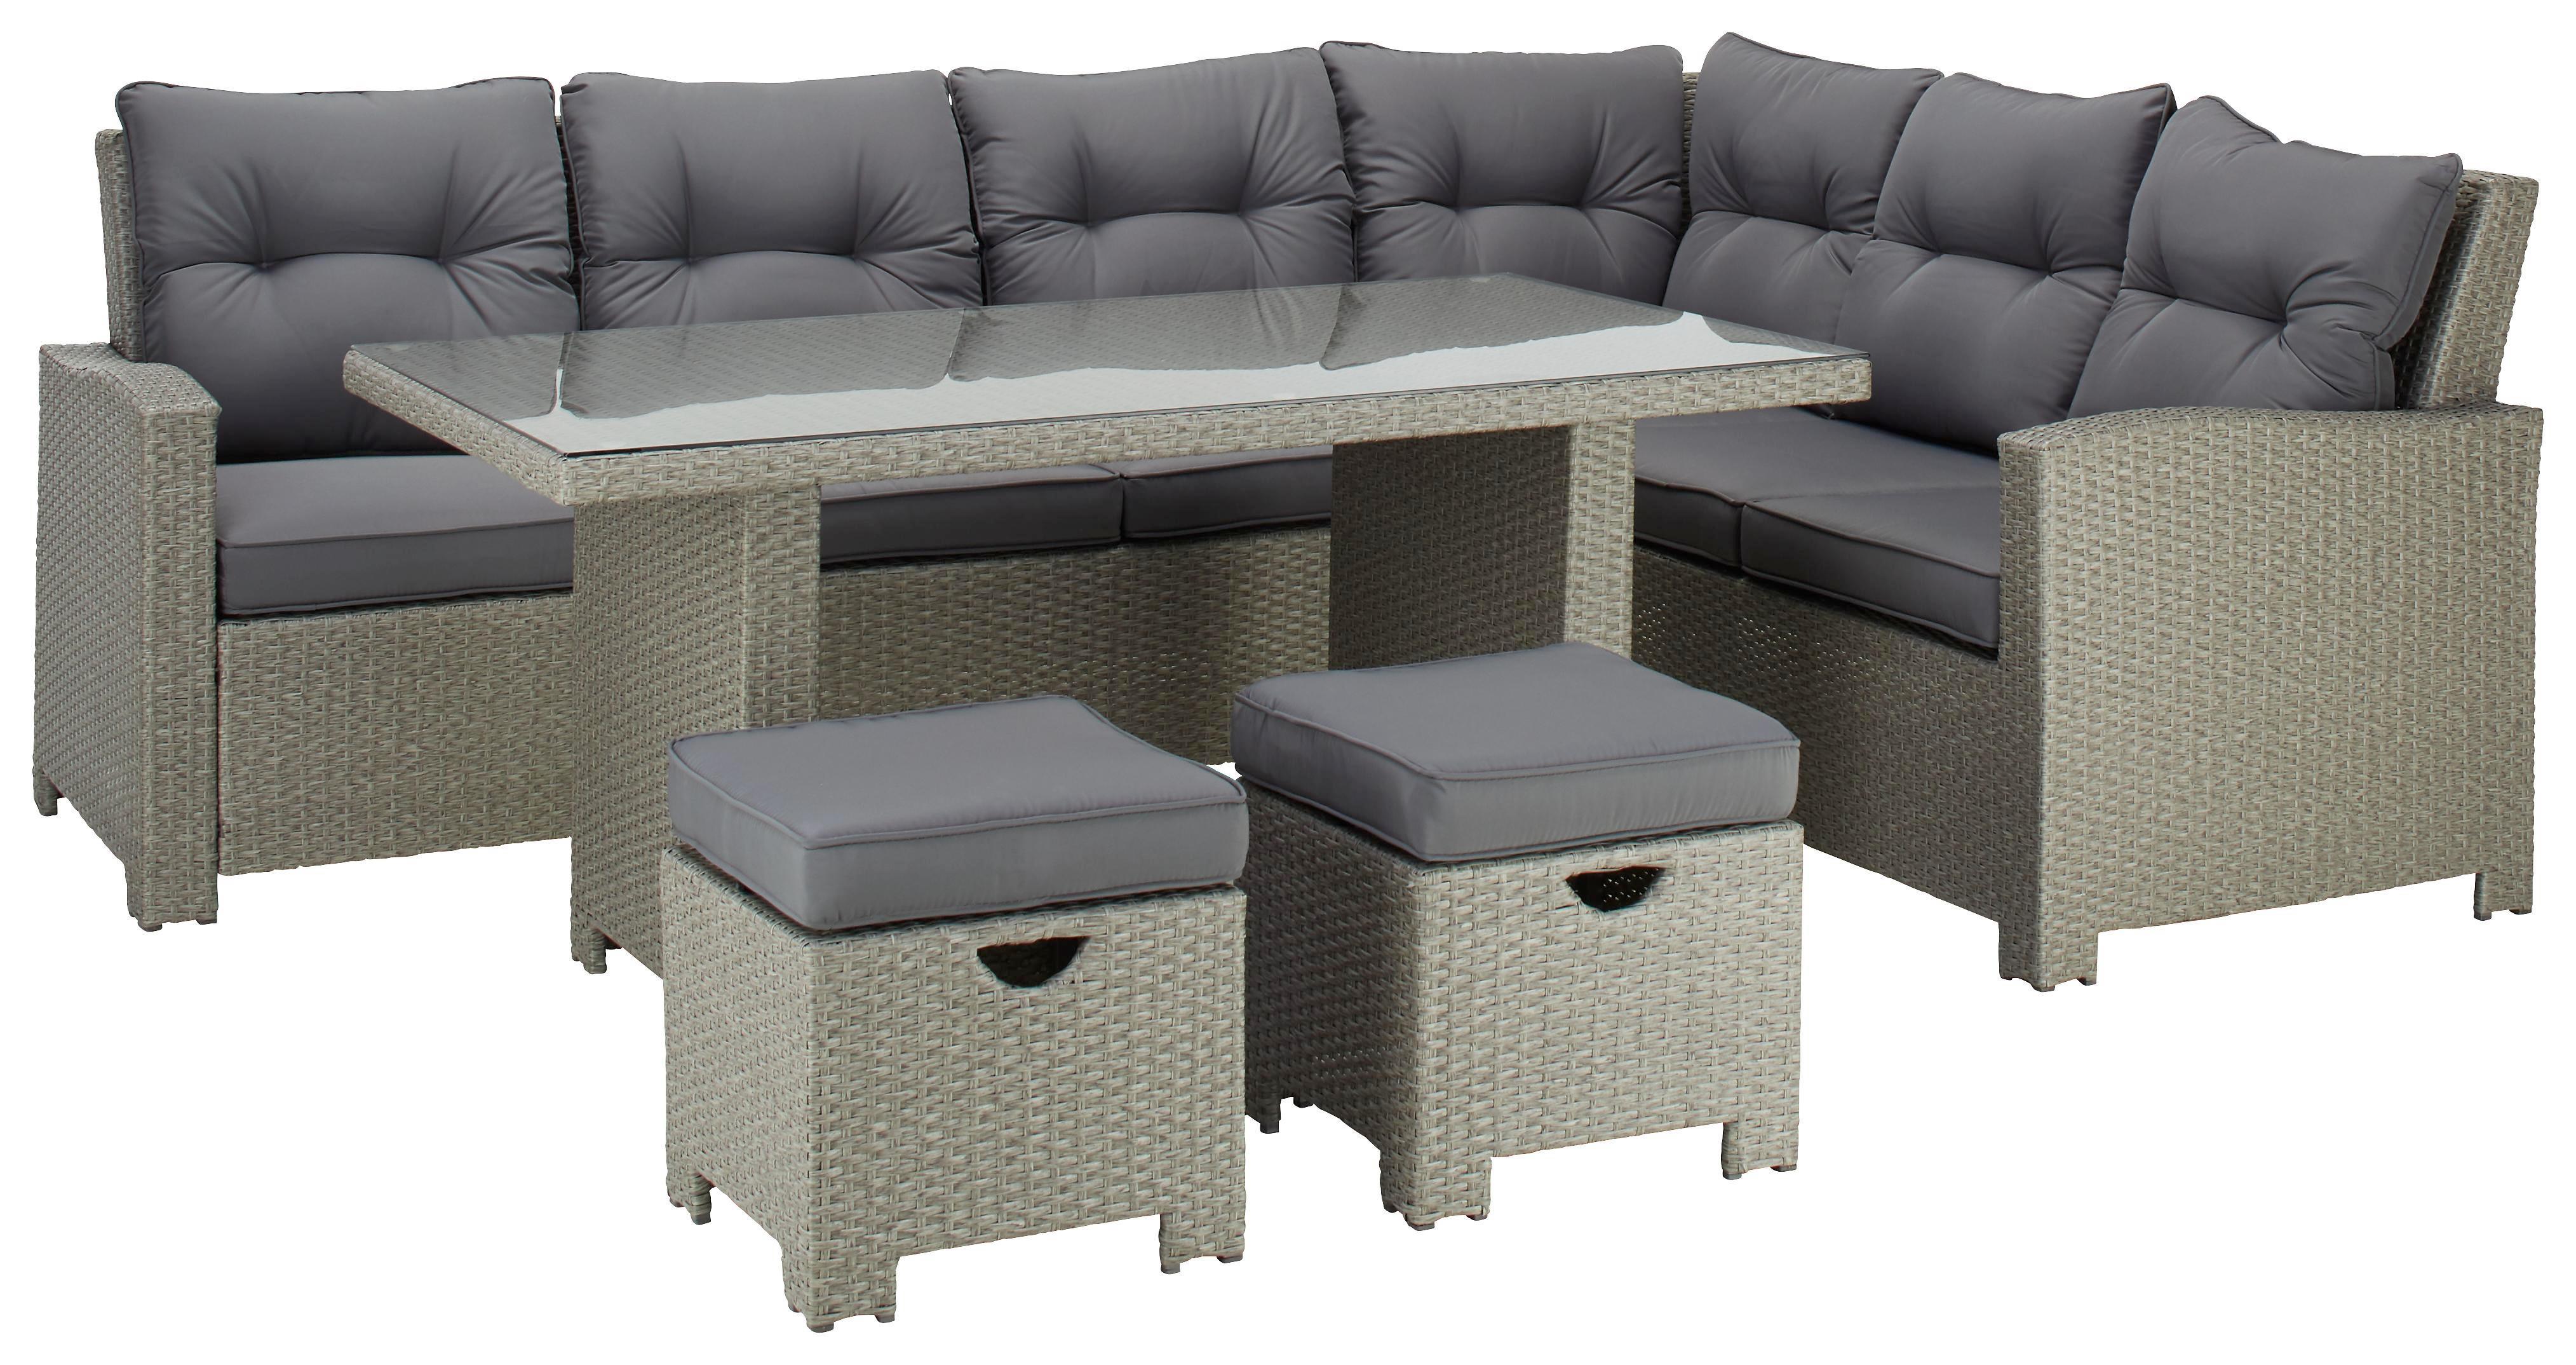 rollliegen kunststoff dehner relaxsessel colmar x x cm with rollliegen kunststoff trendy. Black Bedroom Furniture Sets. Home Design Ideas